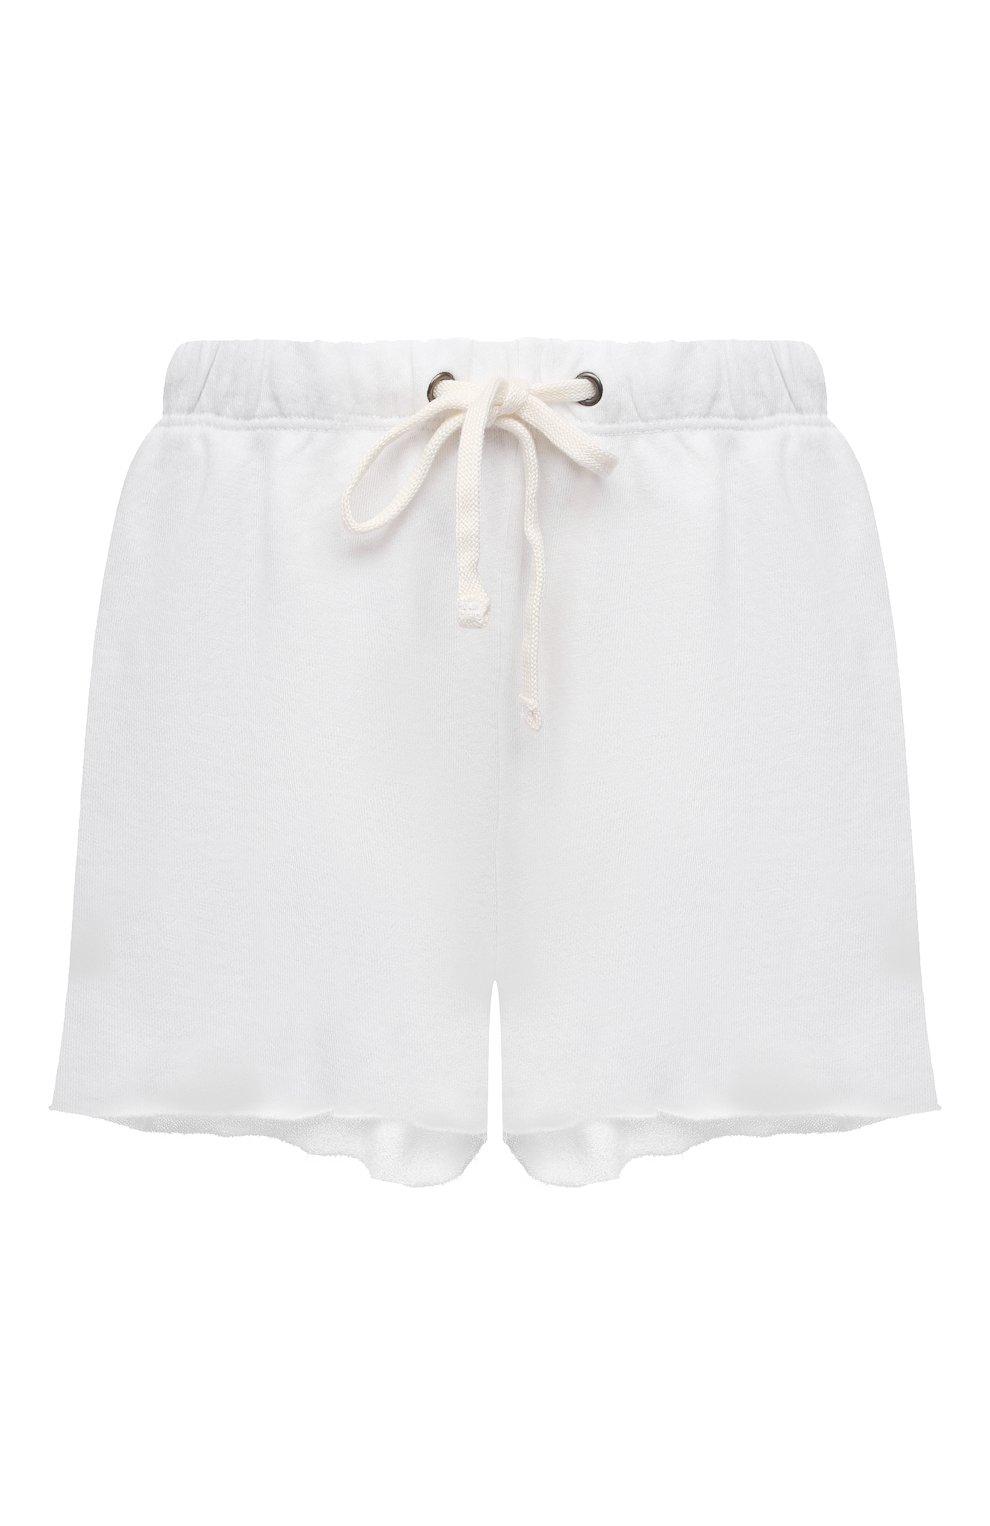 Женские хлопковые шорты JAMES PERSE белого цвета, арт. WXA4288 | Фото 1 (Женское Кросс-КТ: Шорты-одежда; Длина Ж (юбки, платья, шорты): Мини; Материал внешний: Хлопок; Стили: Спорт-шик)